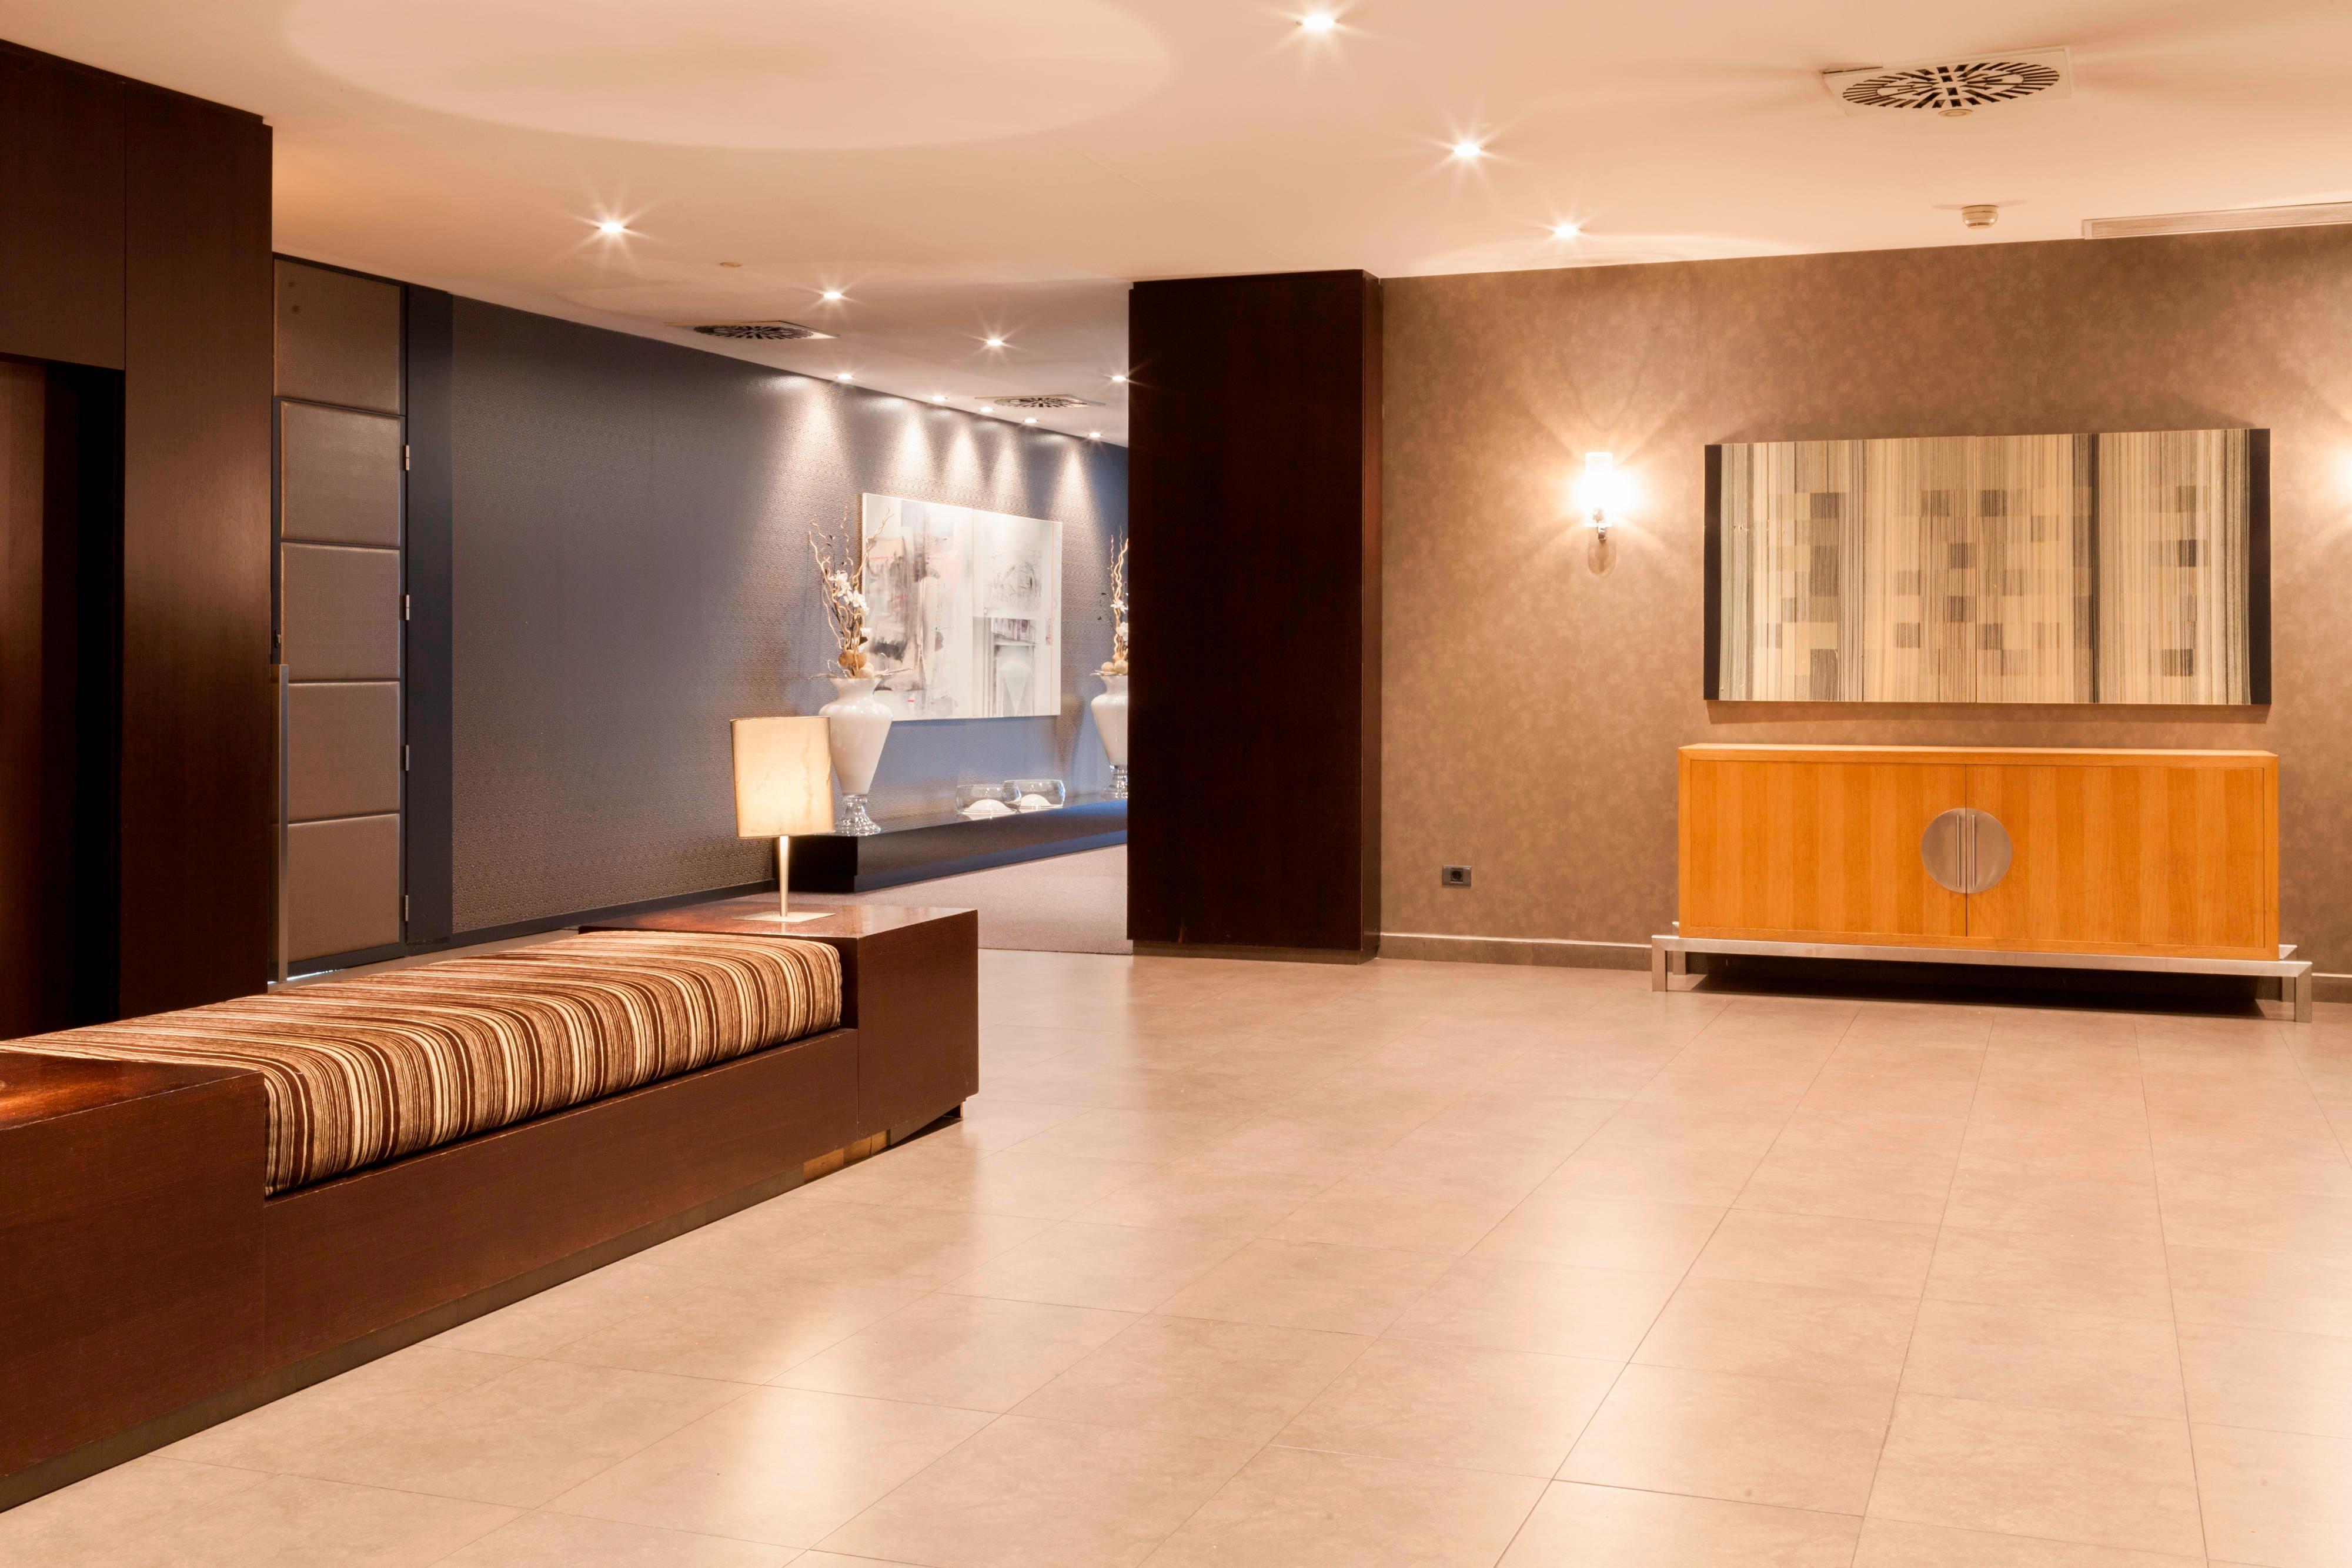 Hotel in Elda